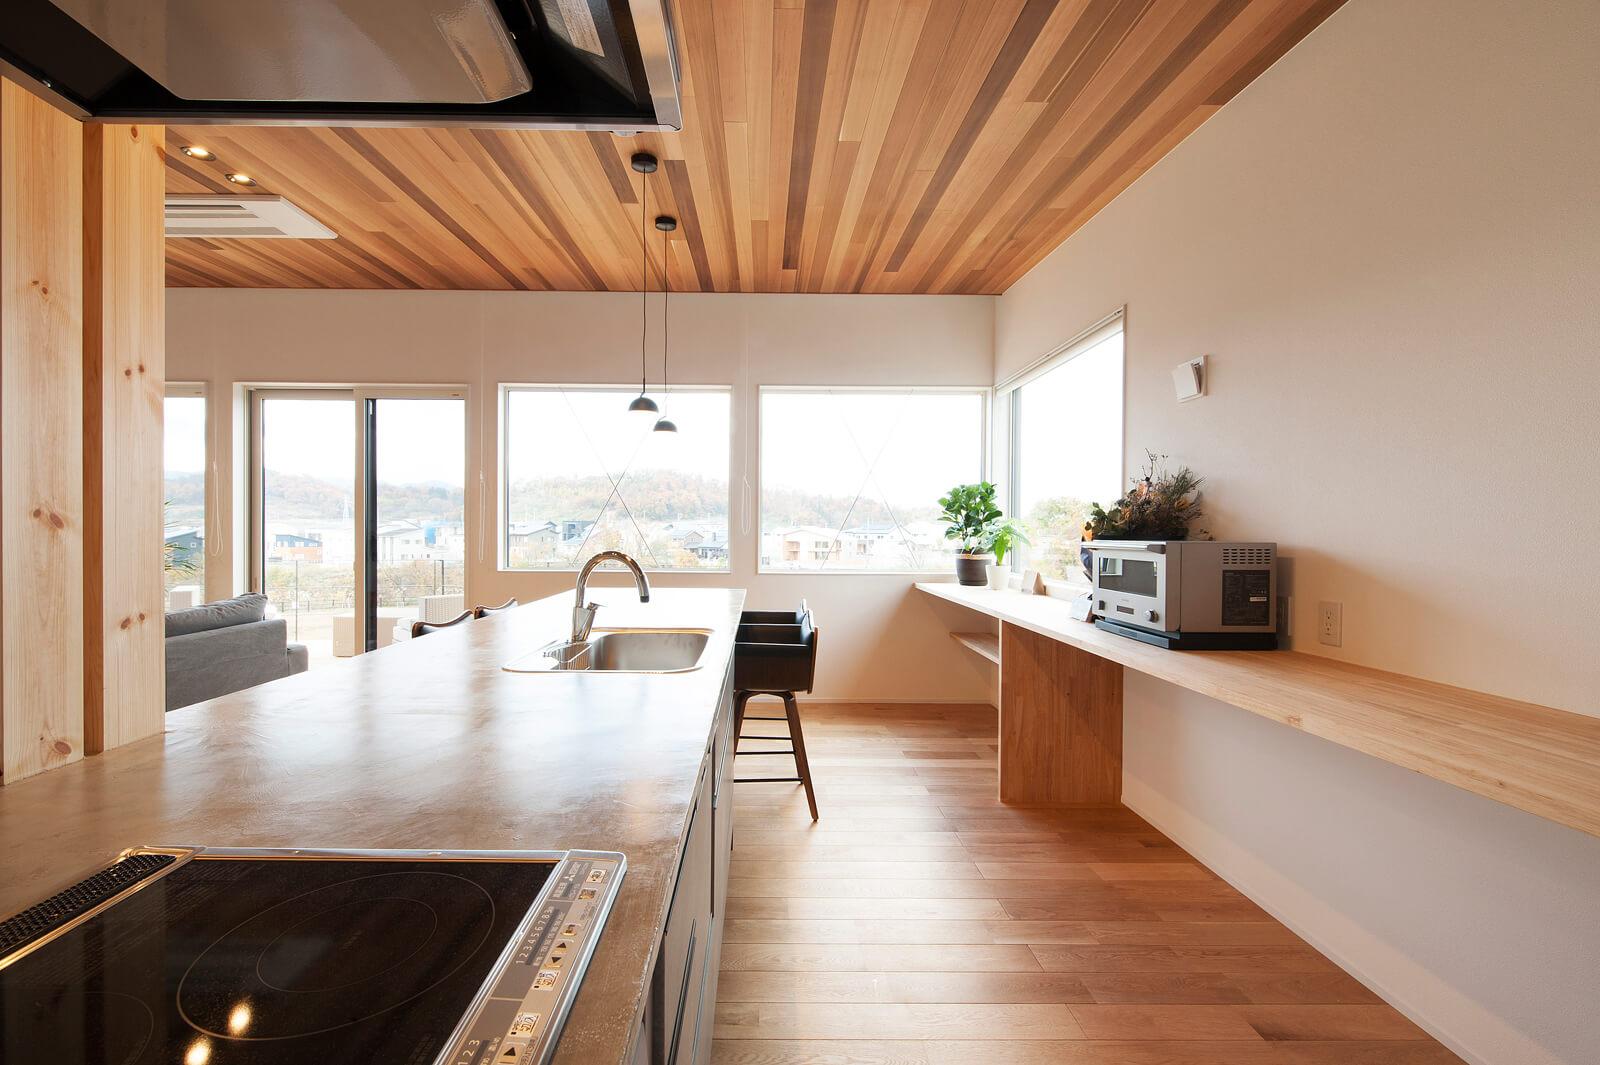 キッチンからも美しい眺望が楽しめるようになっている。背面の造作棚は広さ十分で使い手によってアレンジできる楽しみもある